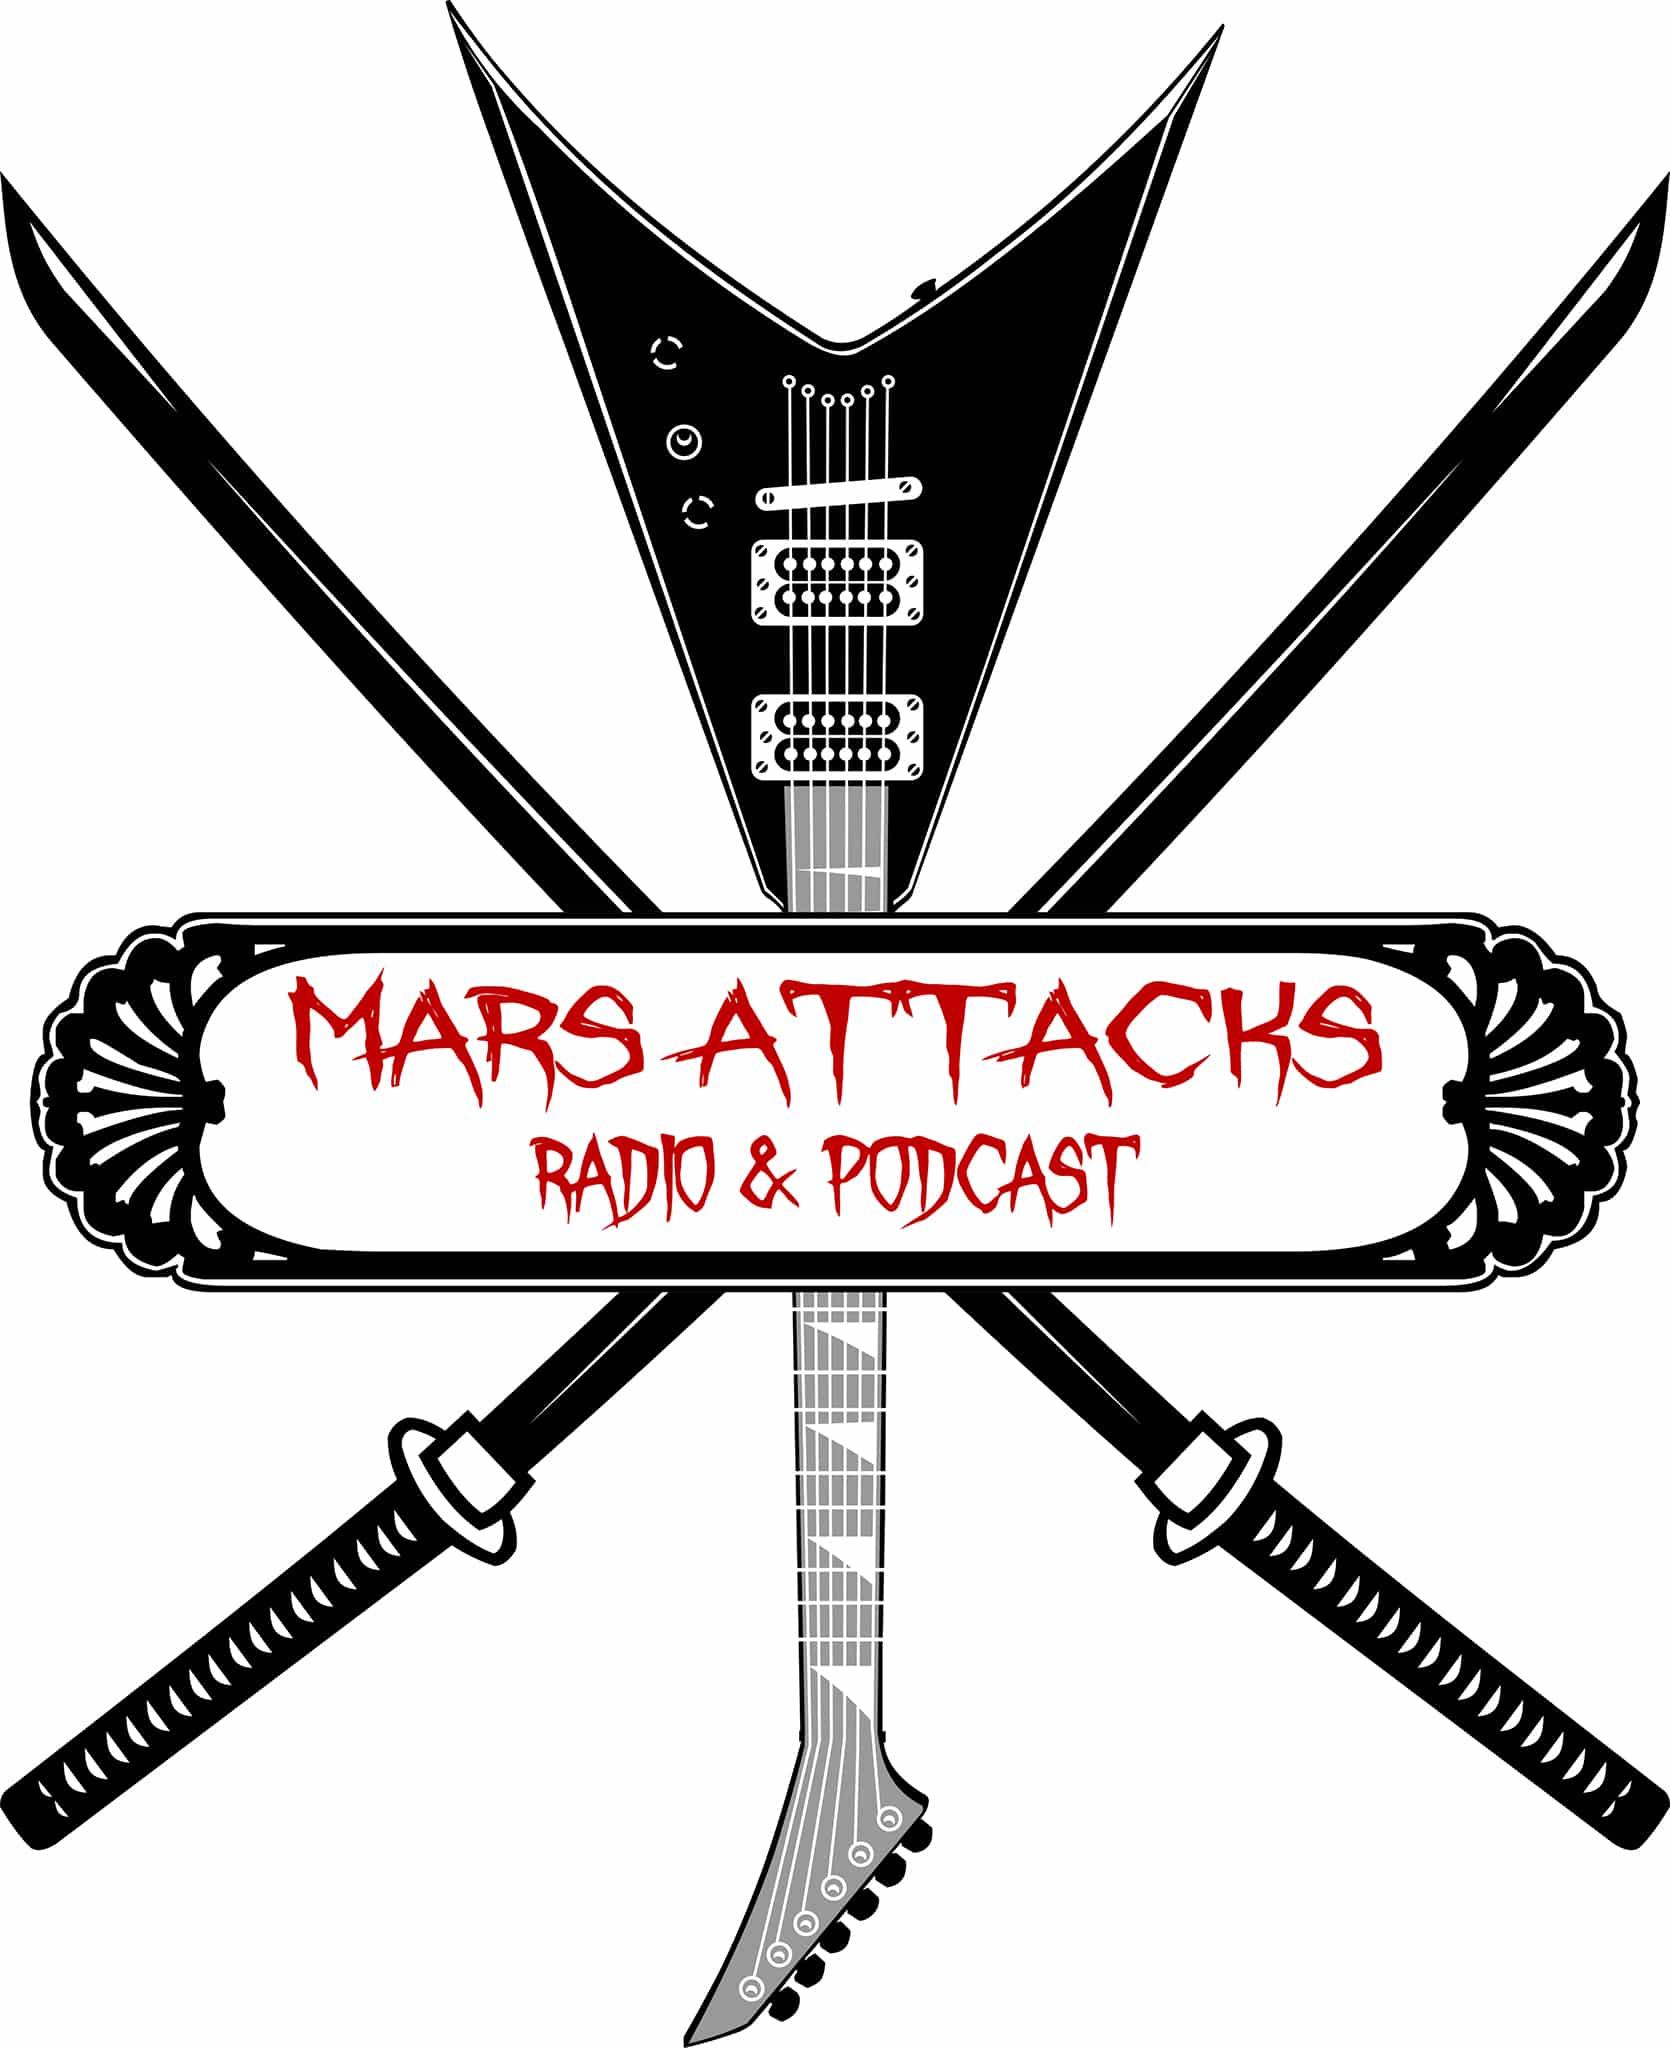 Mars Attacks Merch